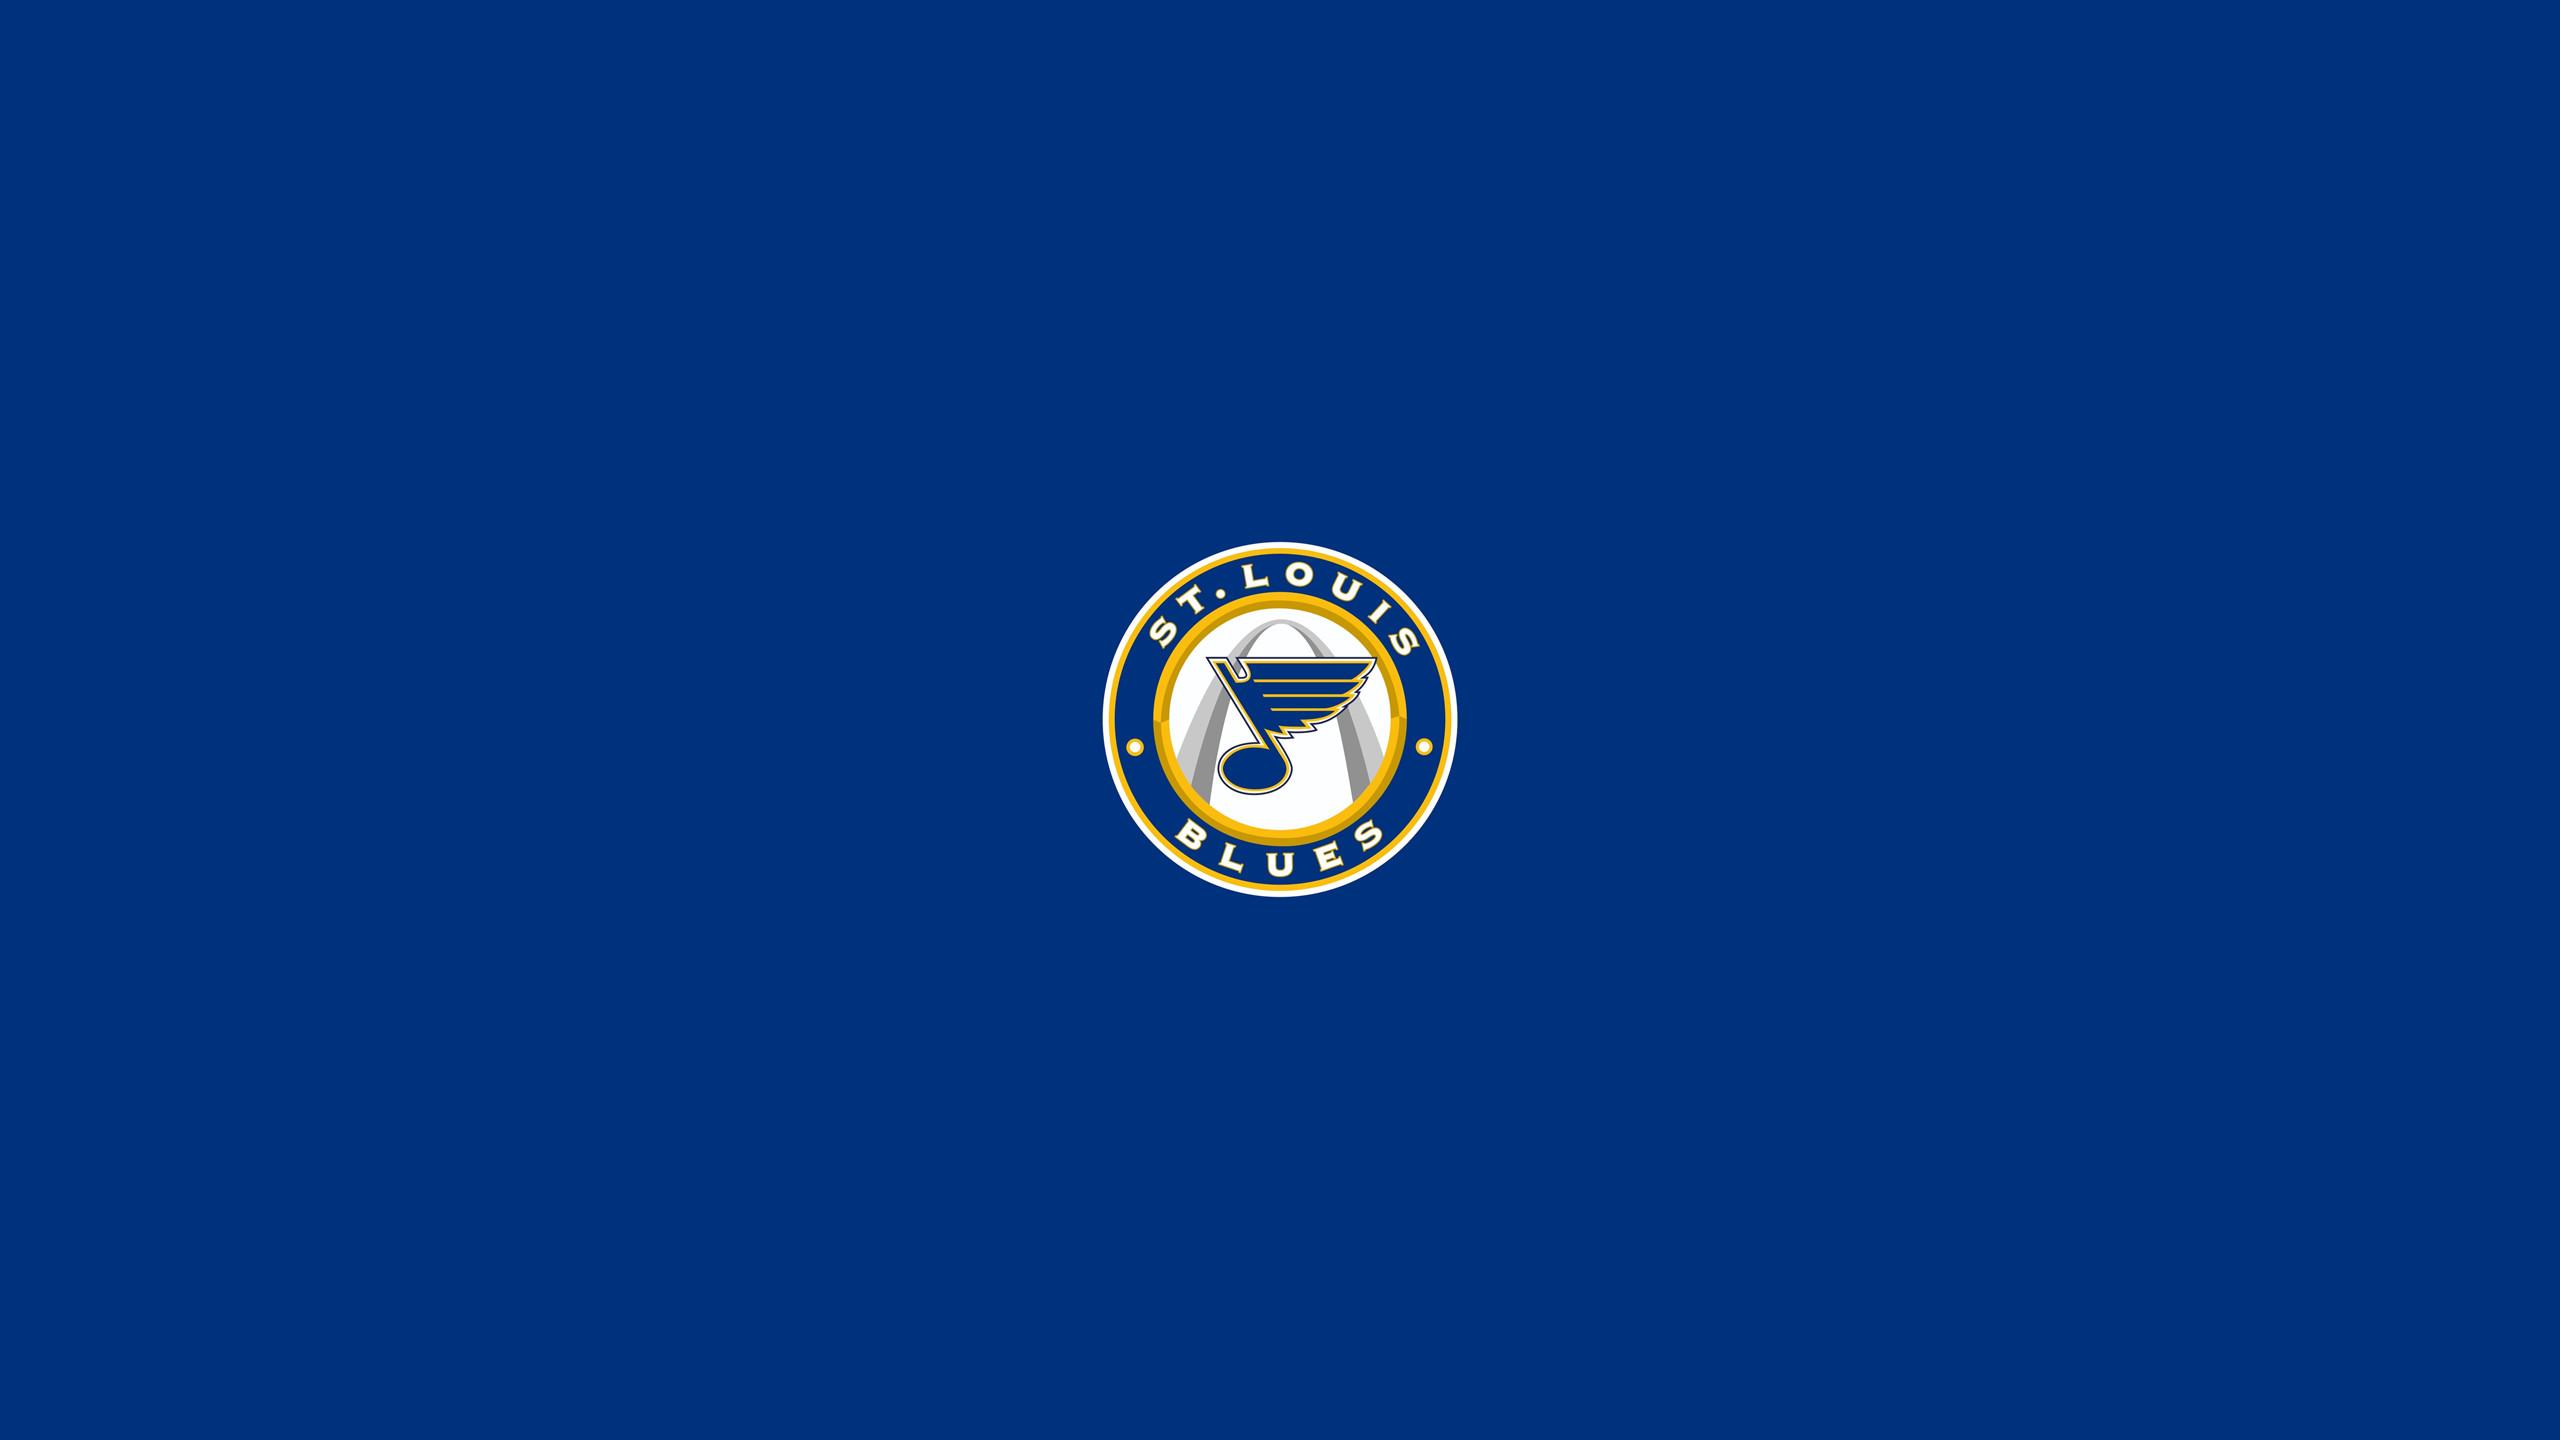 St Louis Blues Iphone Wallpaper 67 Images